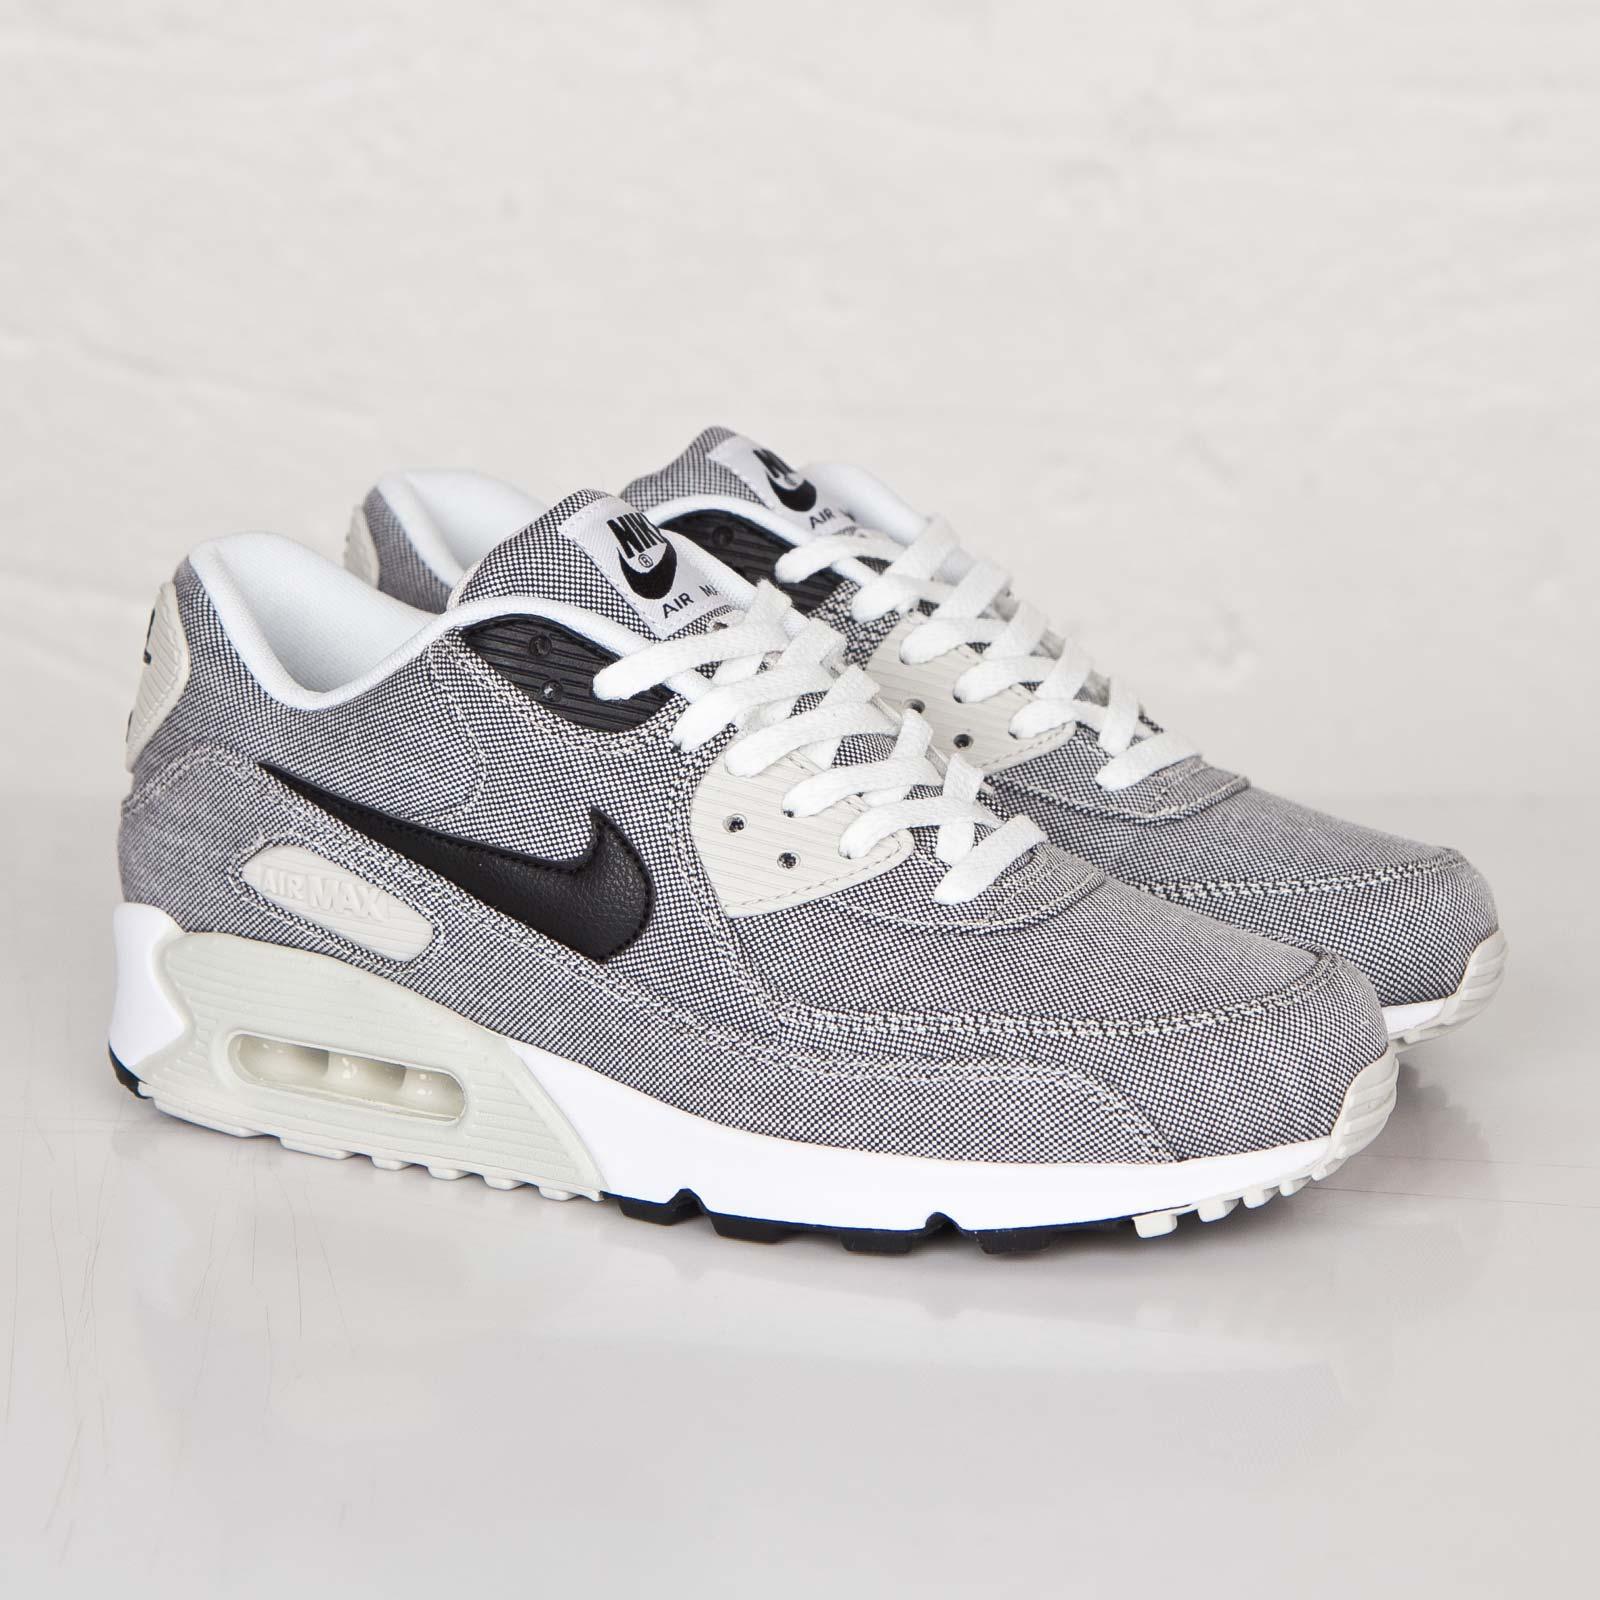 Nike Air Max 90 Premium 700155 100 Sneakersnstuff